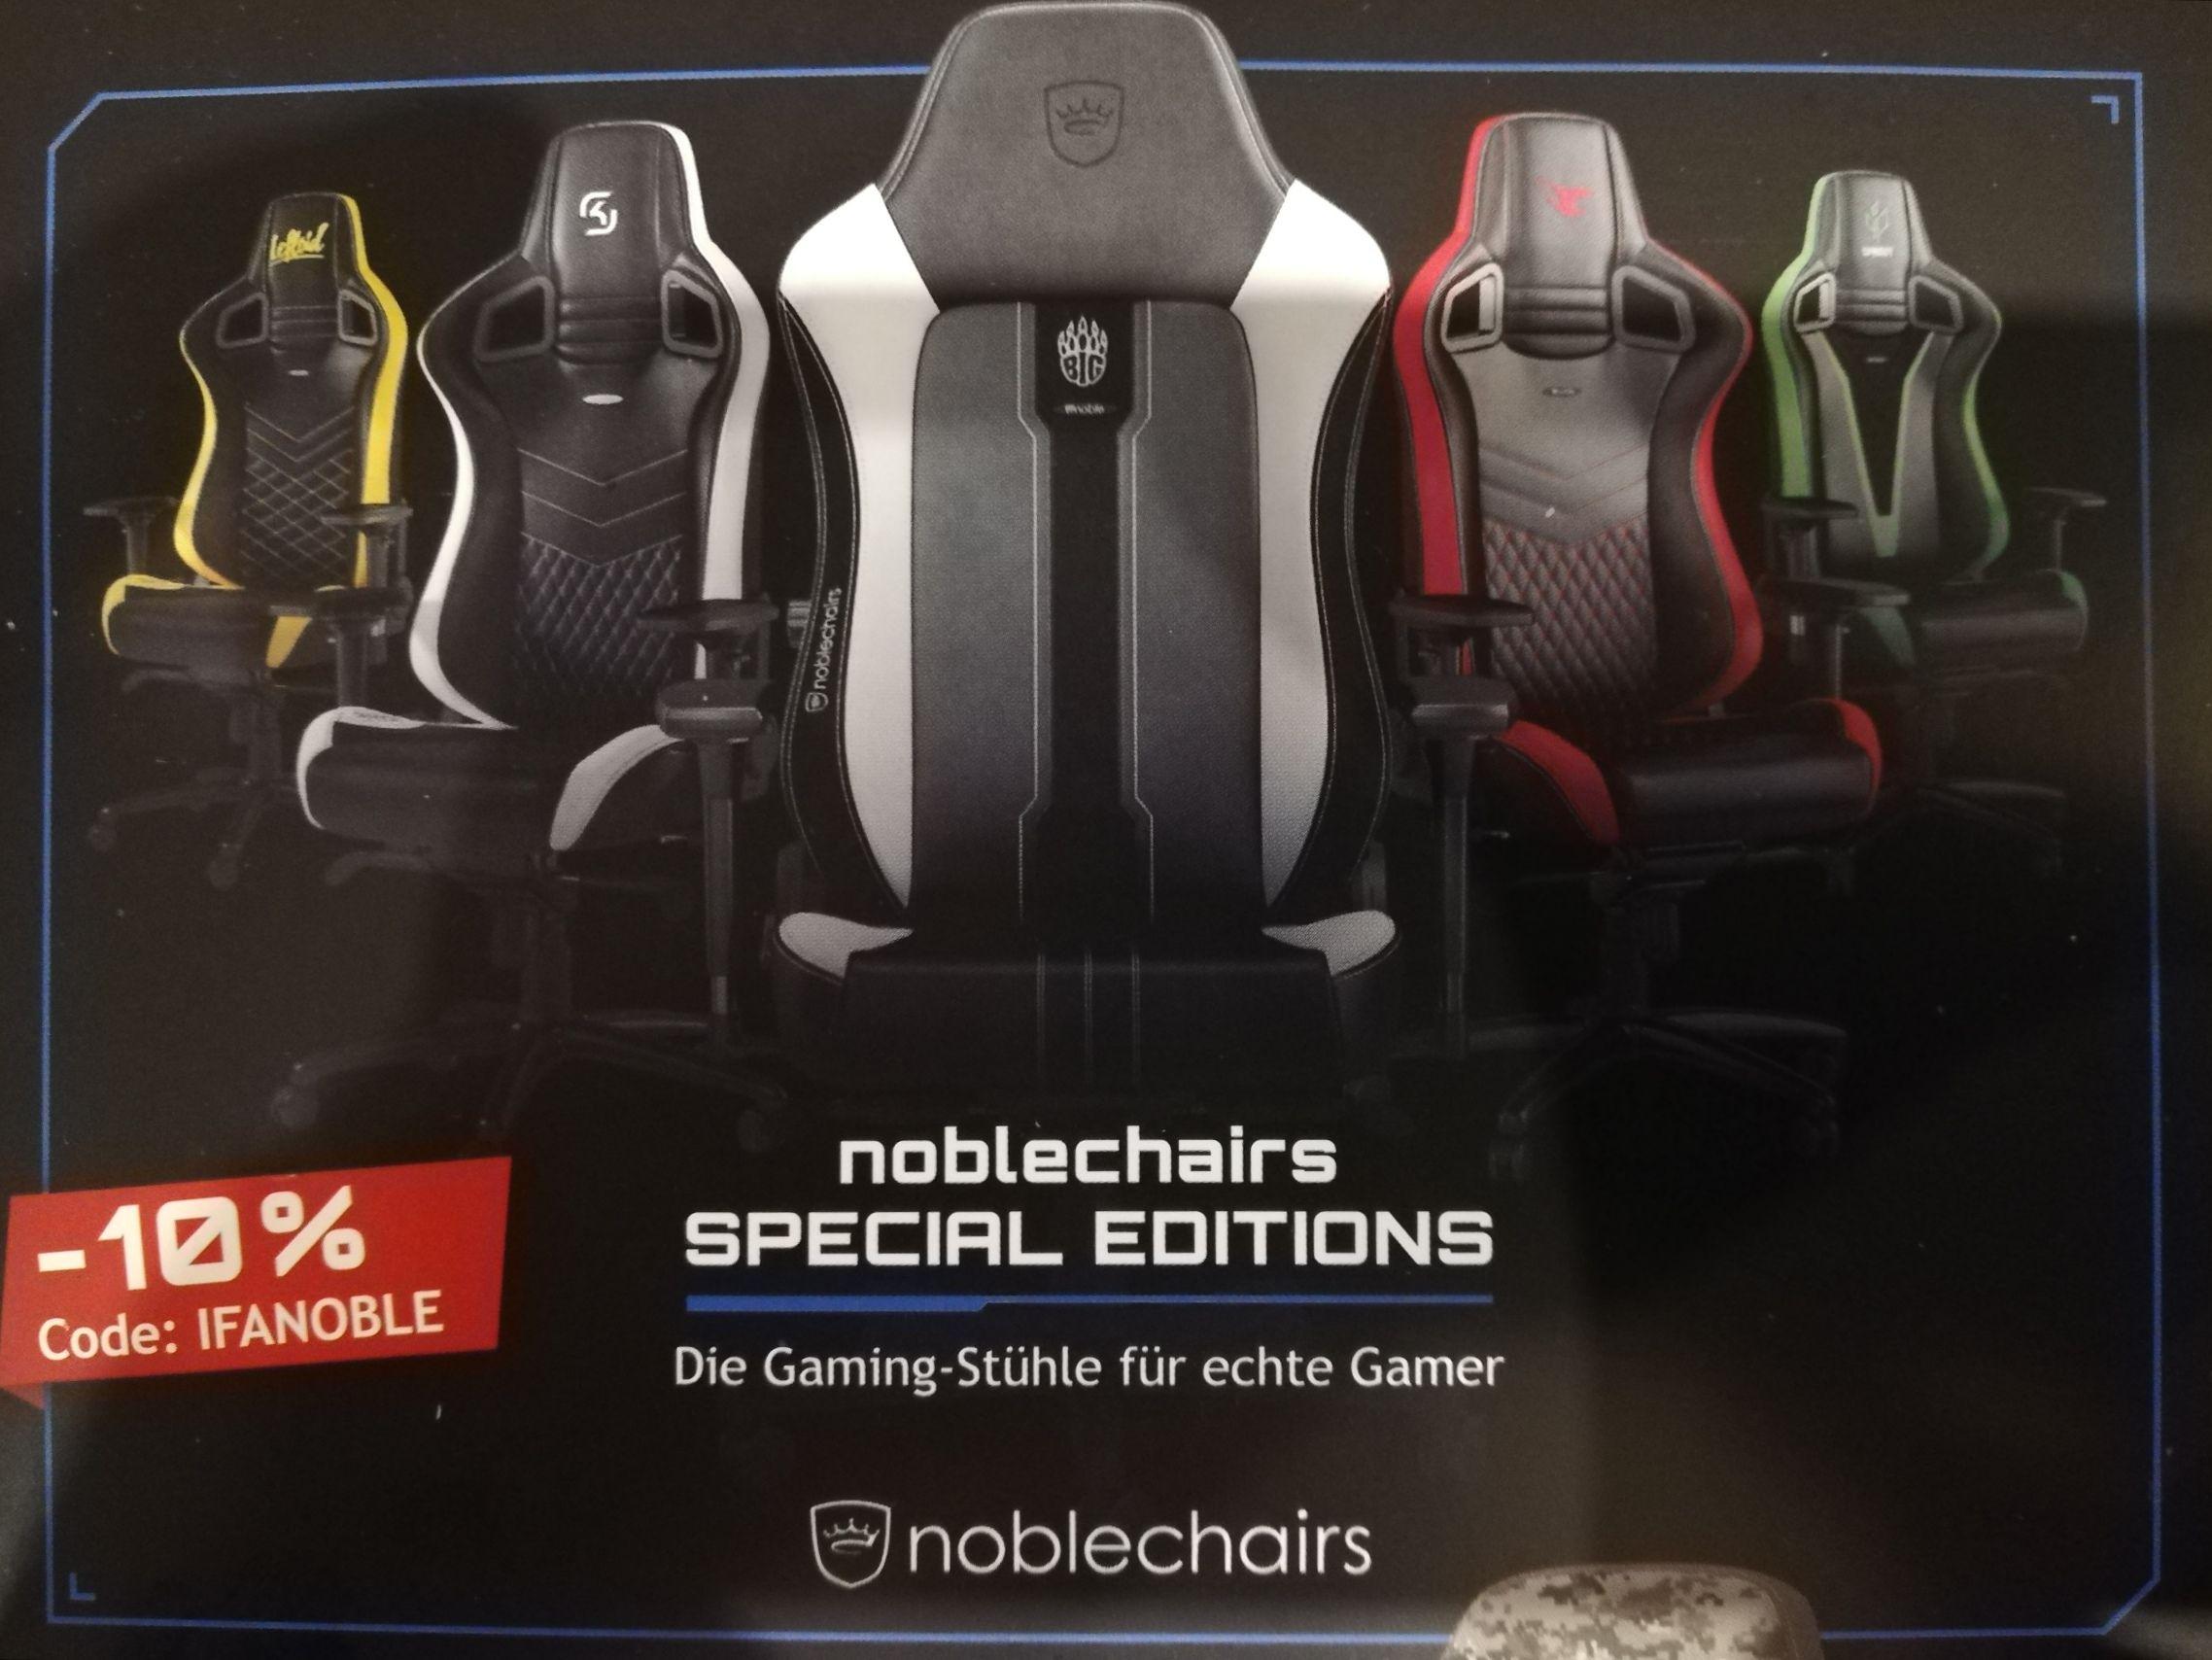 10% Rabatt auf div. Noblechairs und 15% Rabatt auf Nitro concepts chairs bei Caseking zur IFA2018